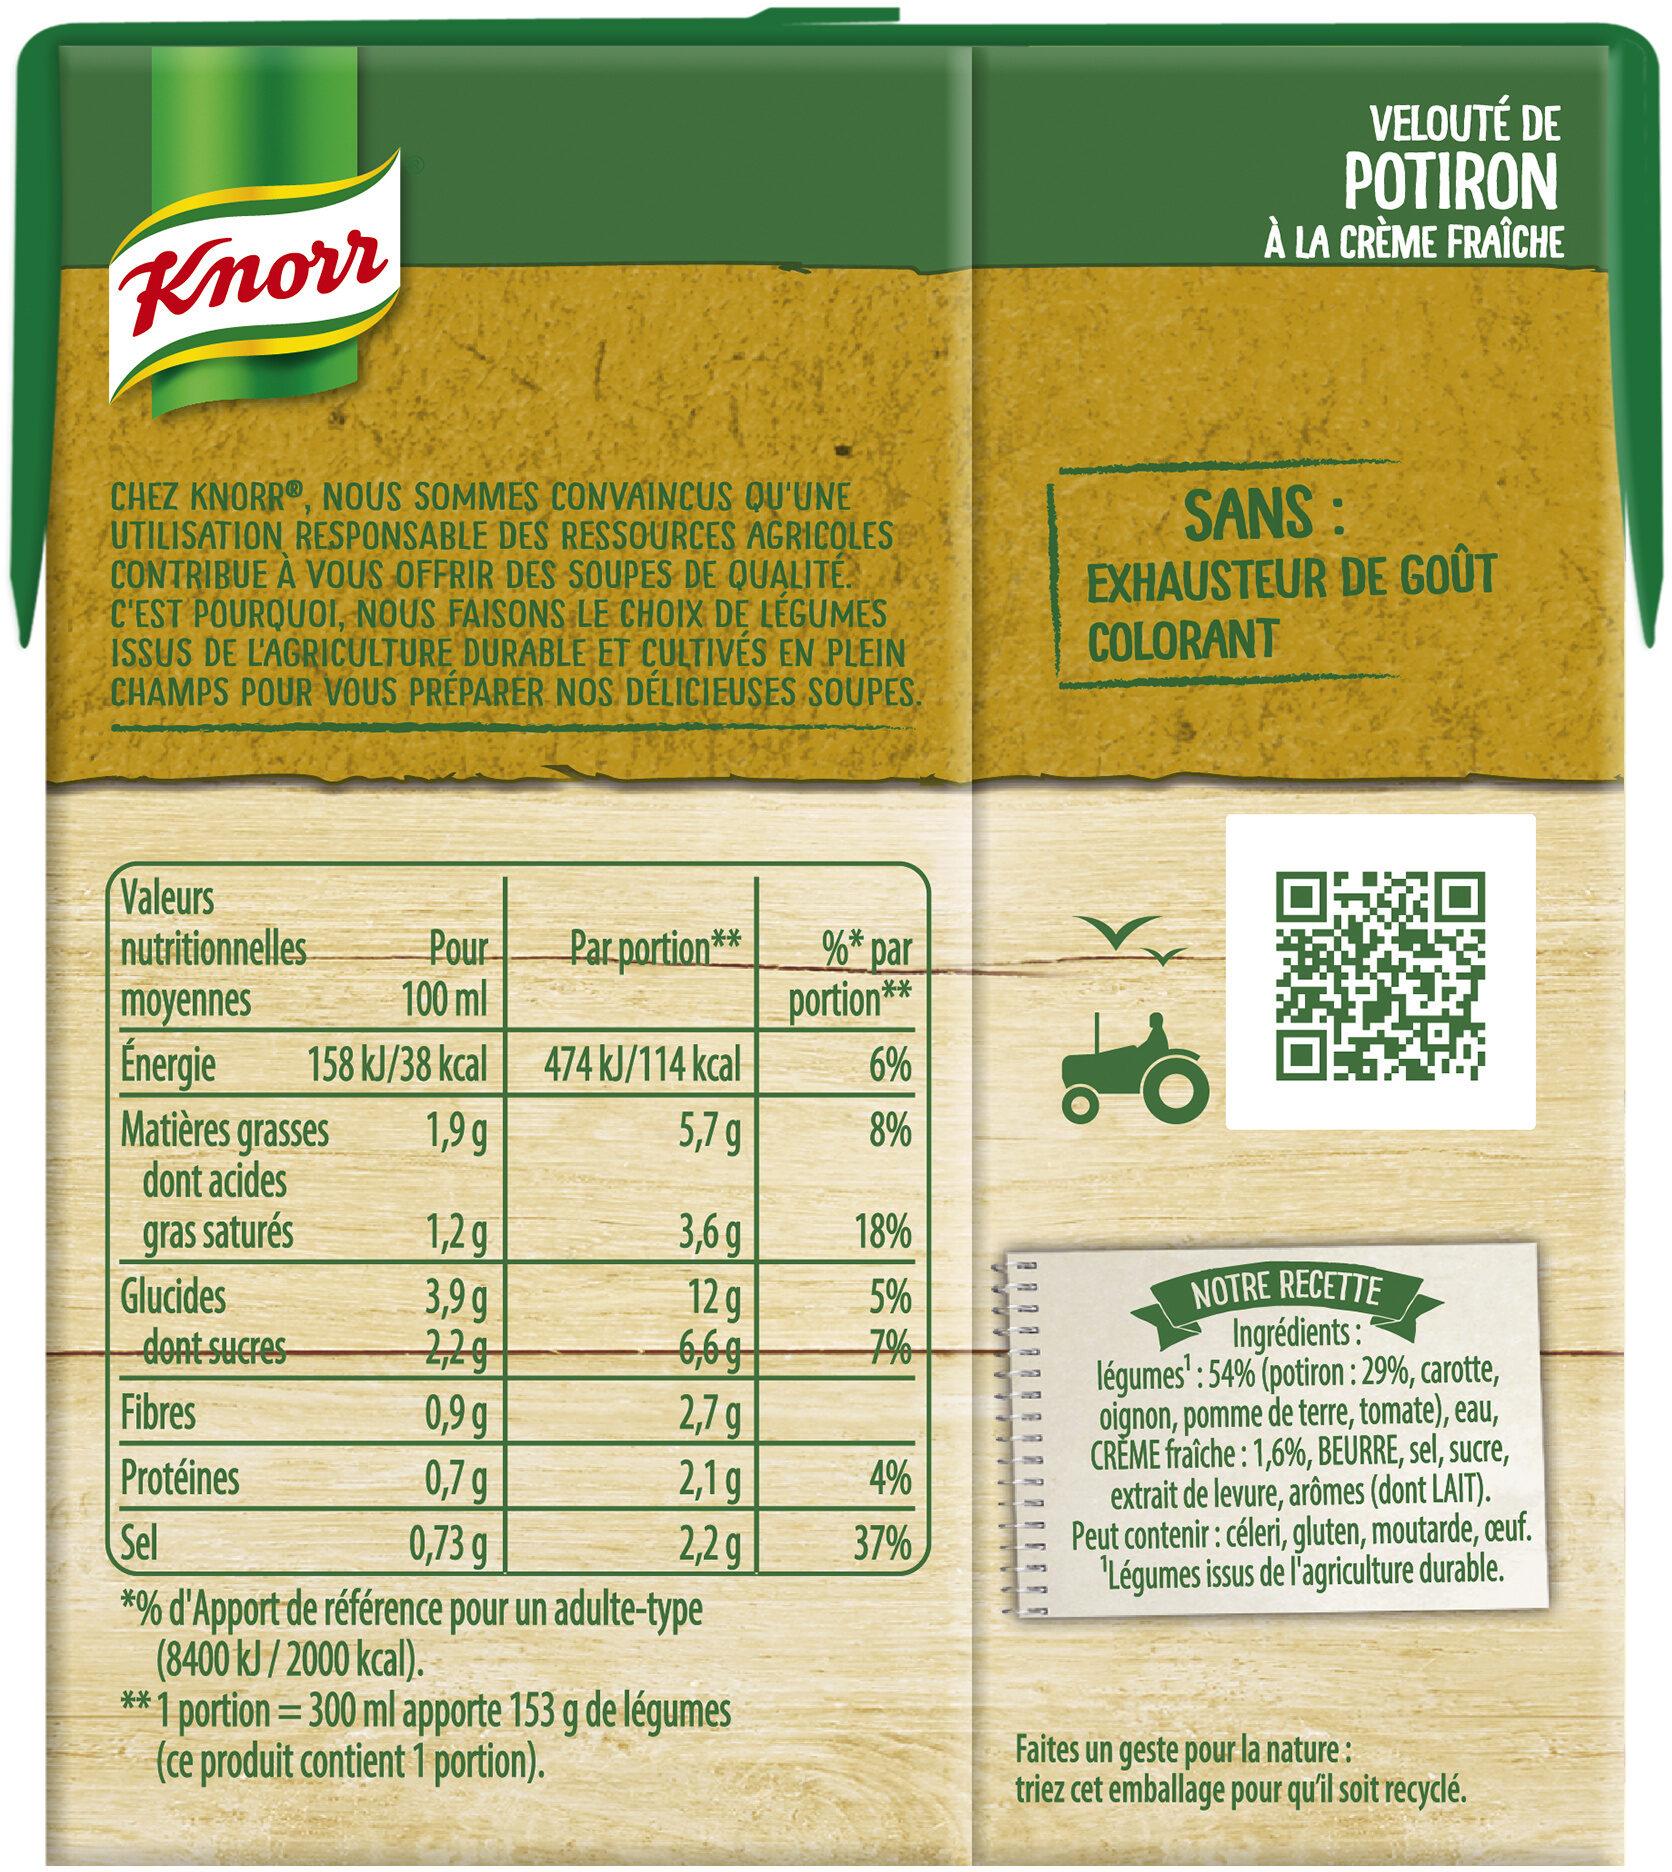 Knorr Les Classiques Soupe Liquide Velouté Potiron Crème Fraîche 30cl - Informations nutritionnelles - fr